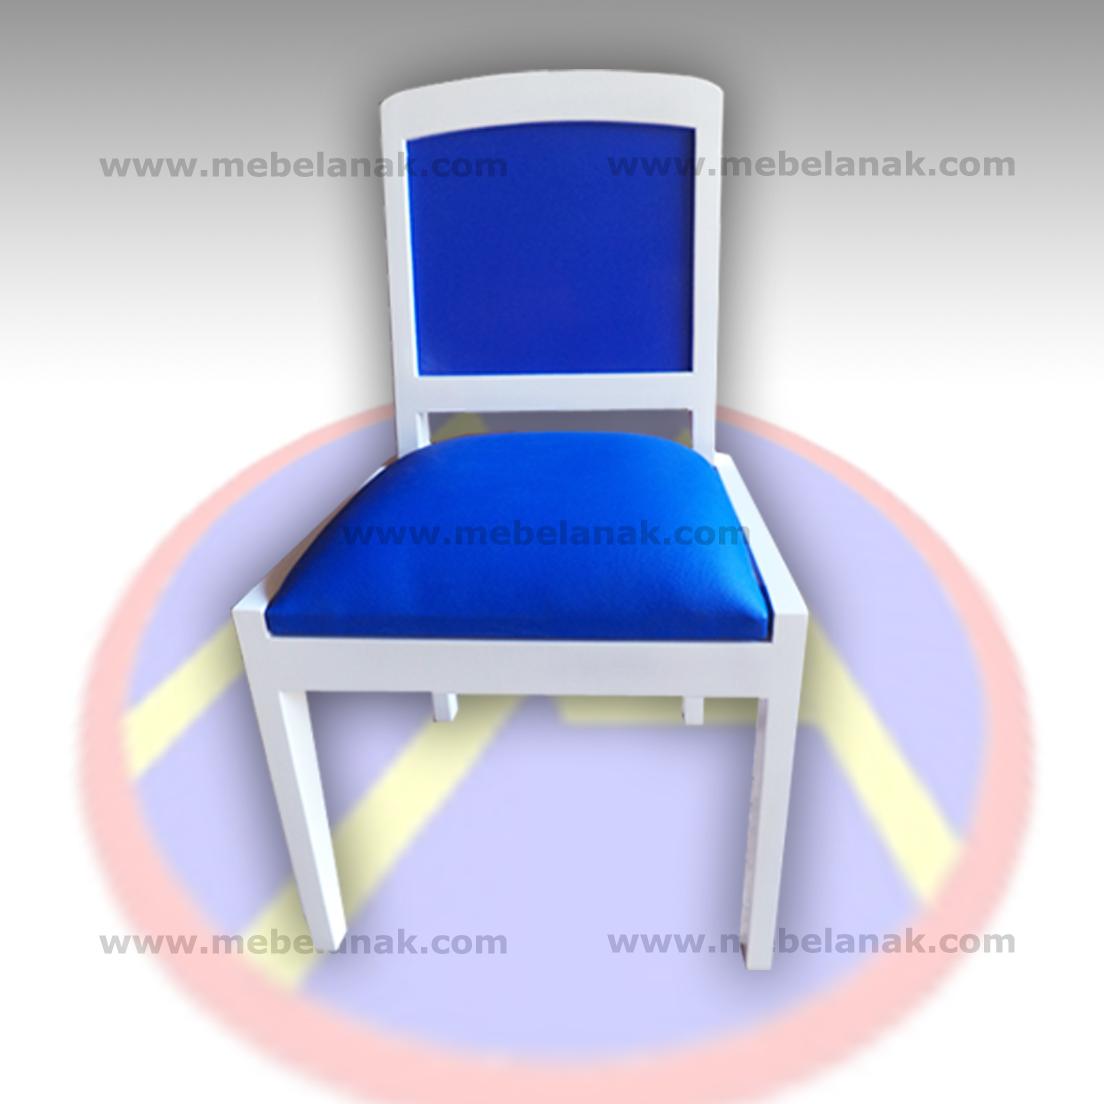 Fir Chair